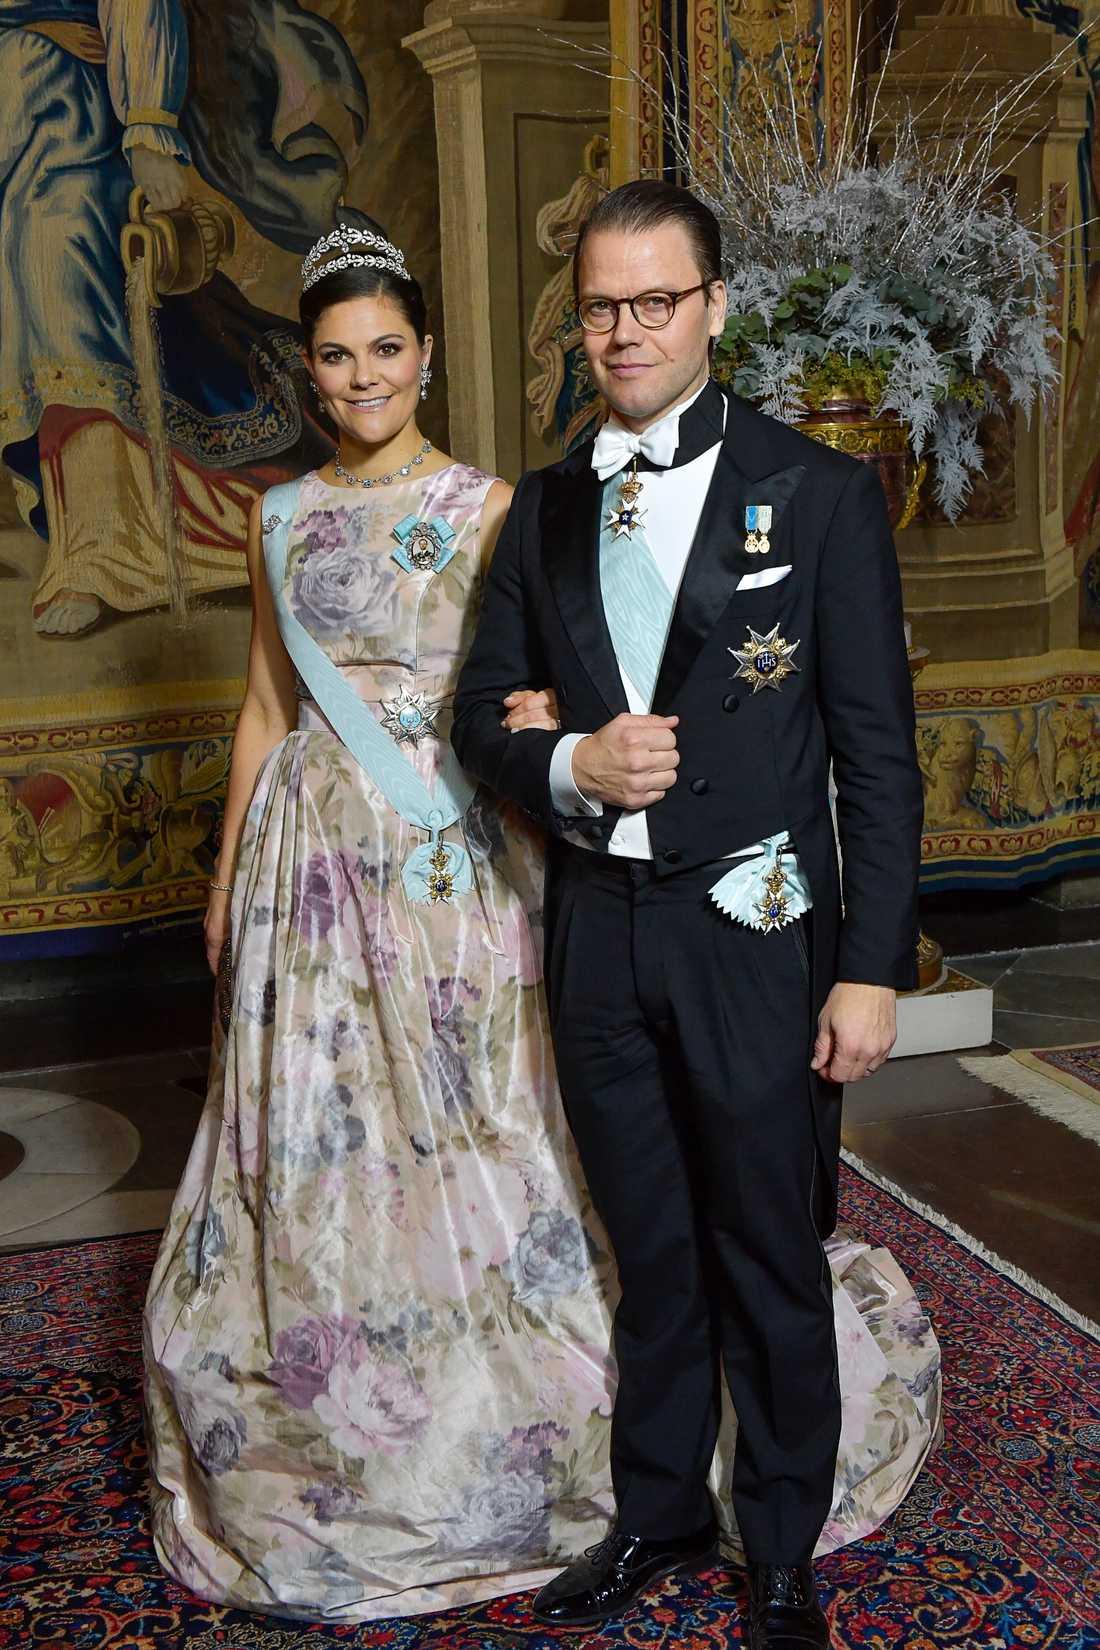 Kronprinsessan Victoria och prins Daniel vid kungens middag för Nobelpristagarna i december 2017.